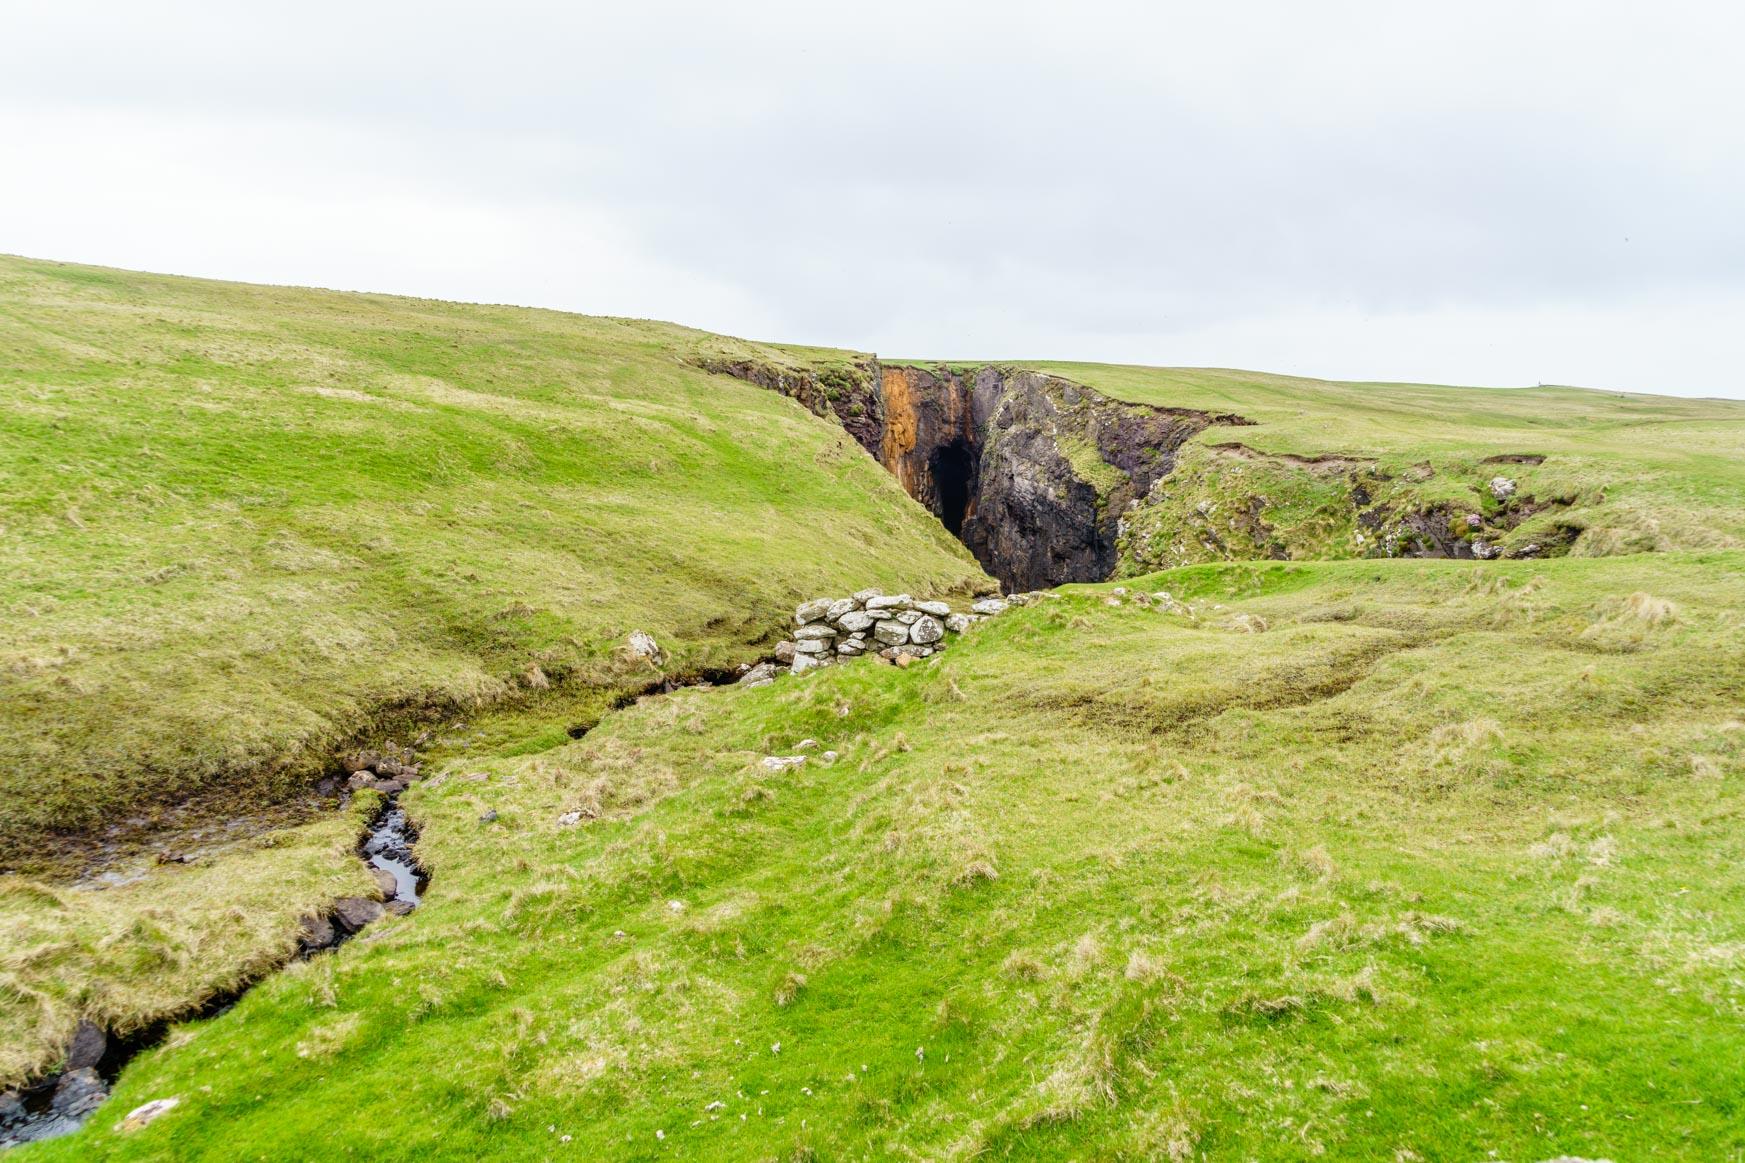 Eingestürzte Höhle mitten auf dem Plateau